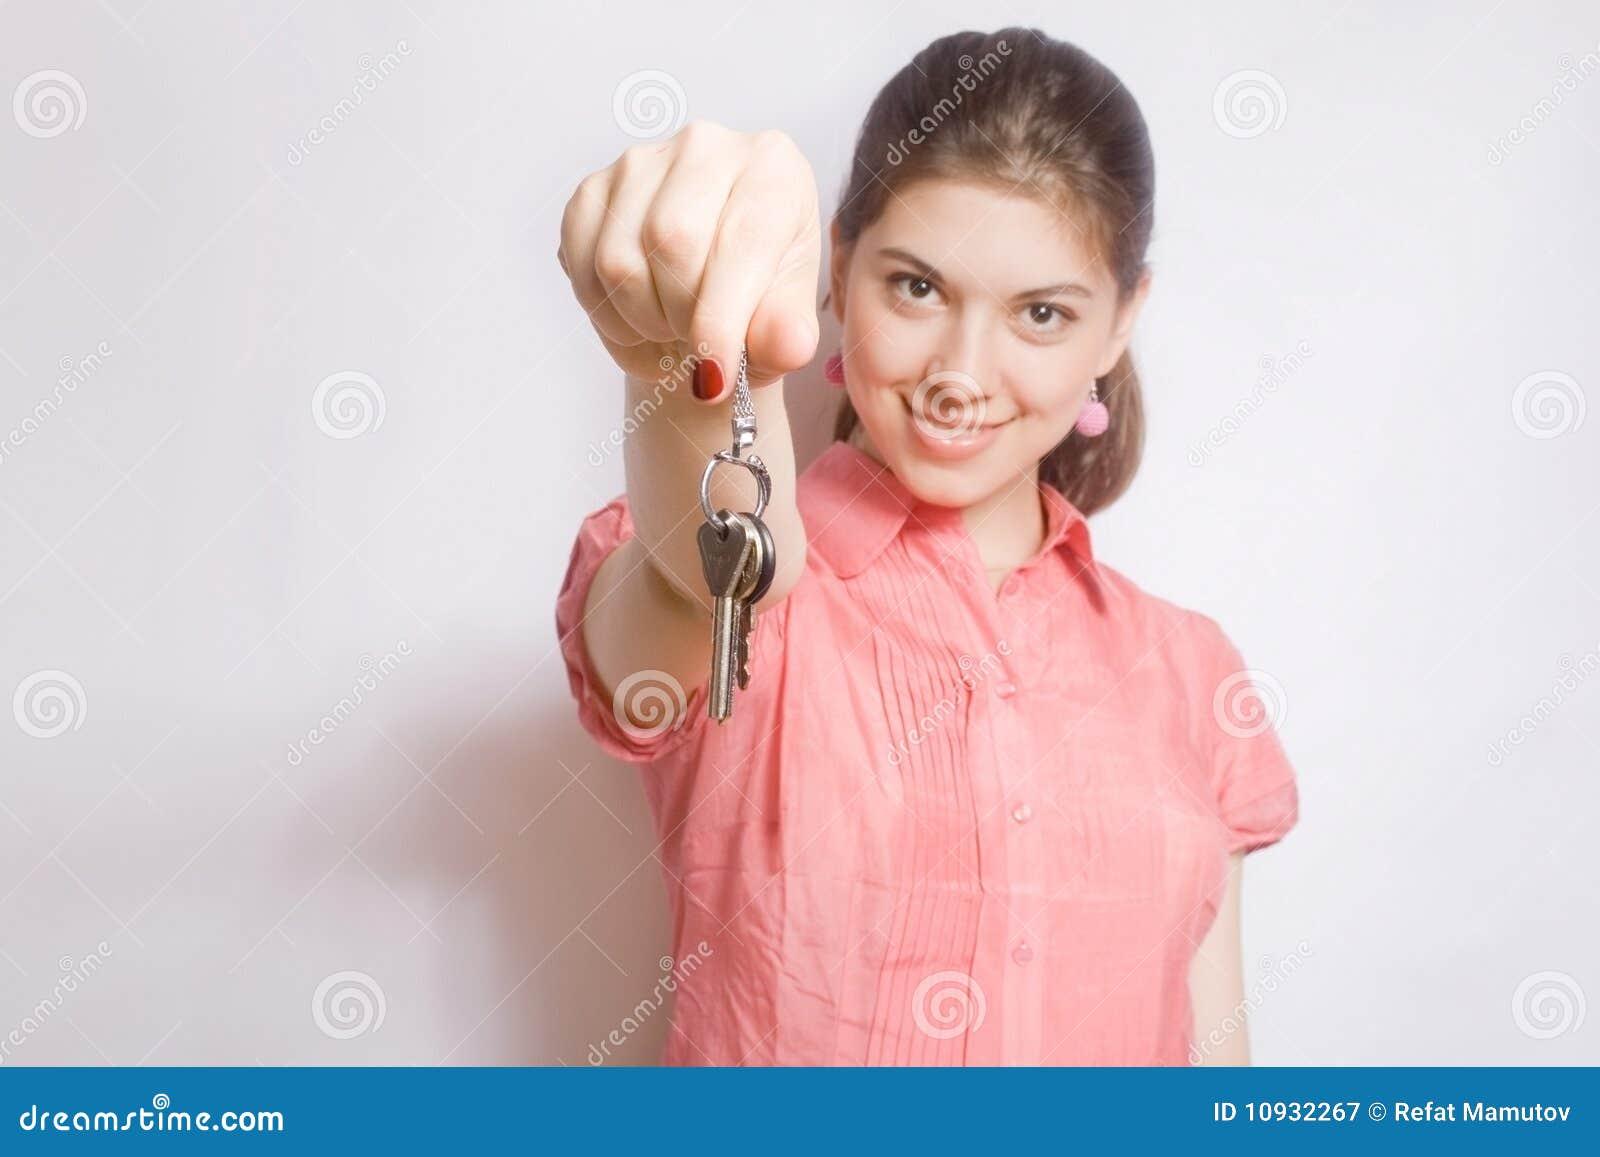 девушка вручает портрет ключей